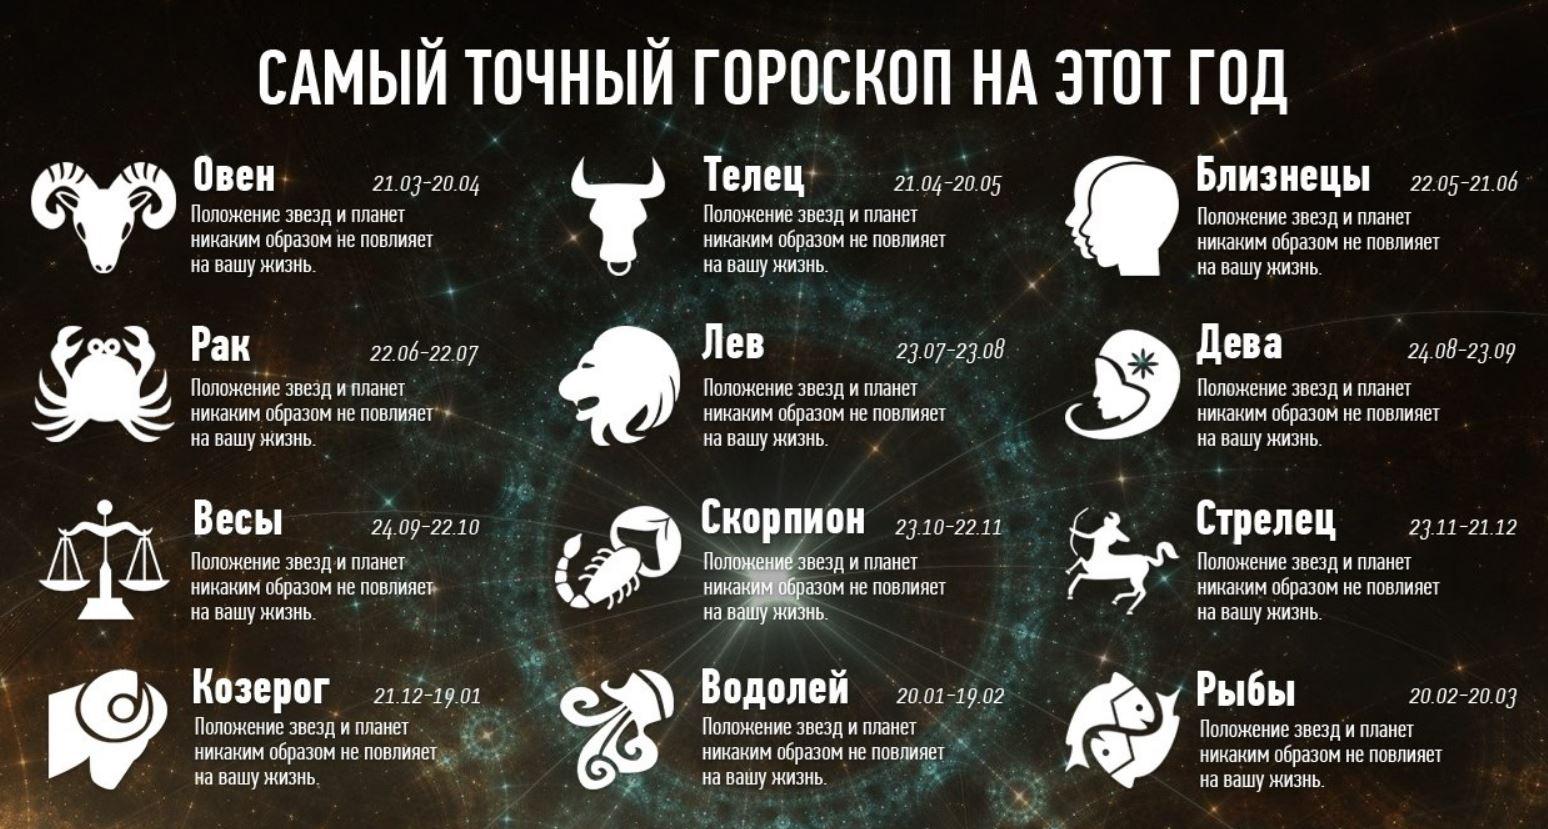 Прикольный гороскоп